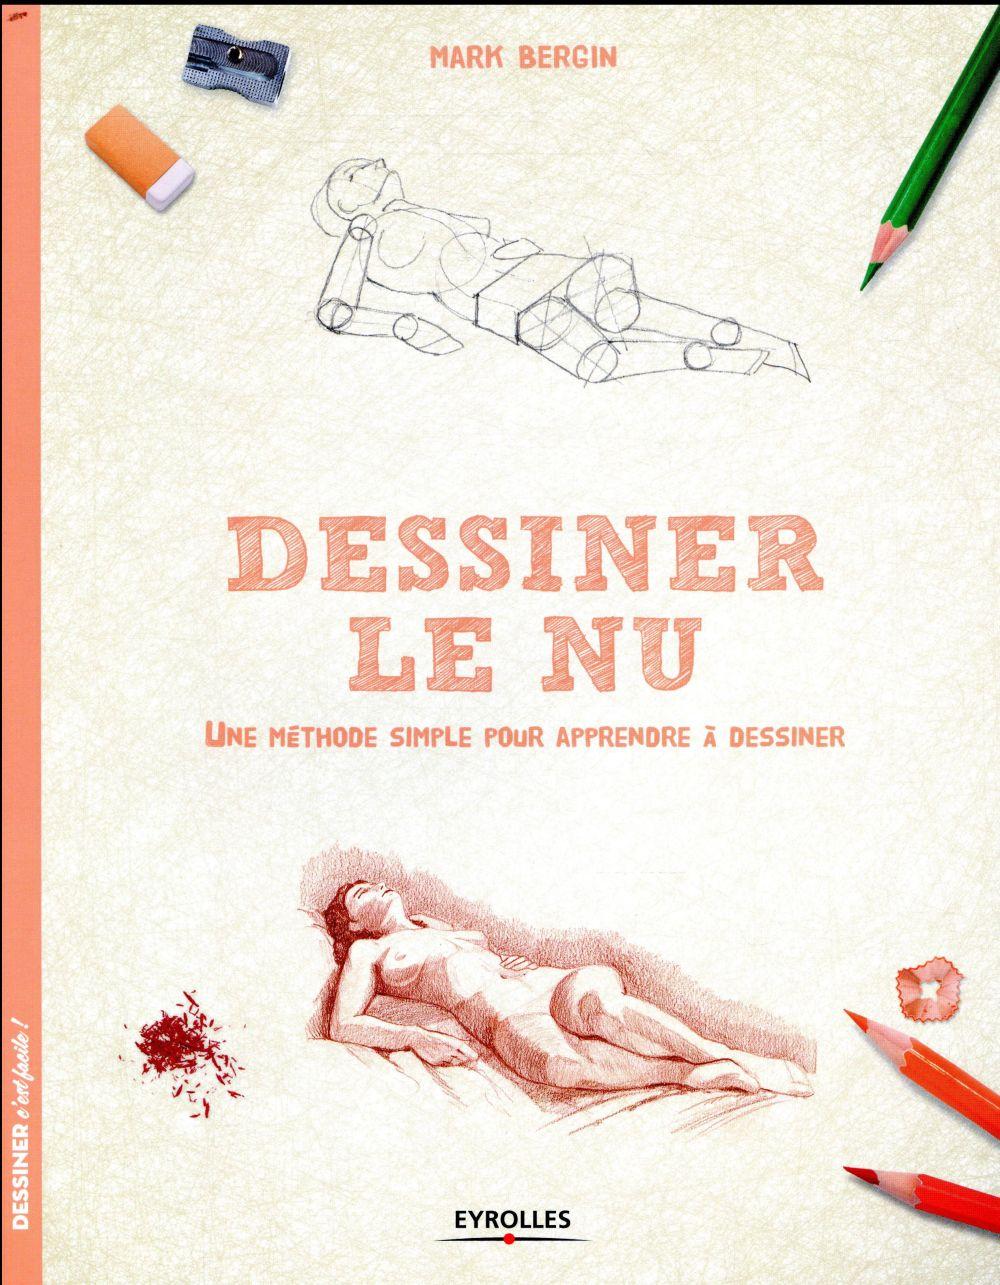 DESSINER LE NU